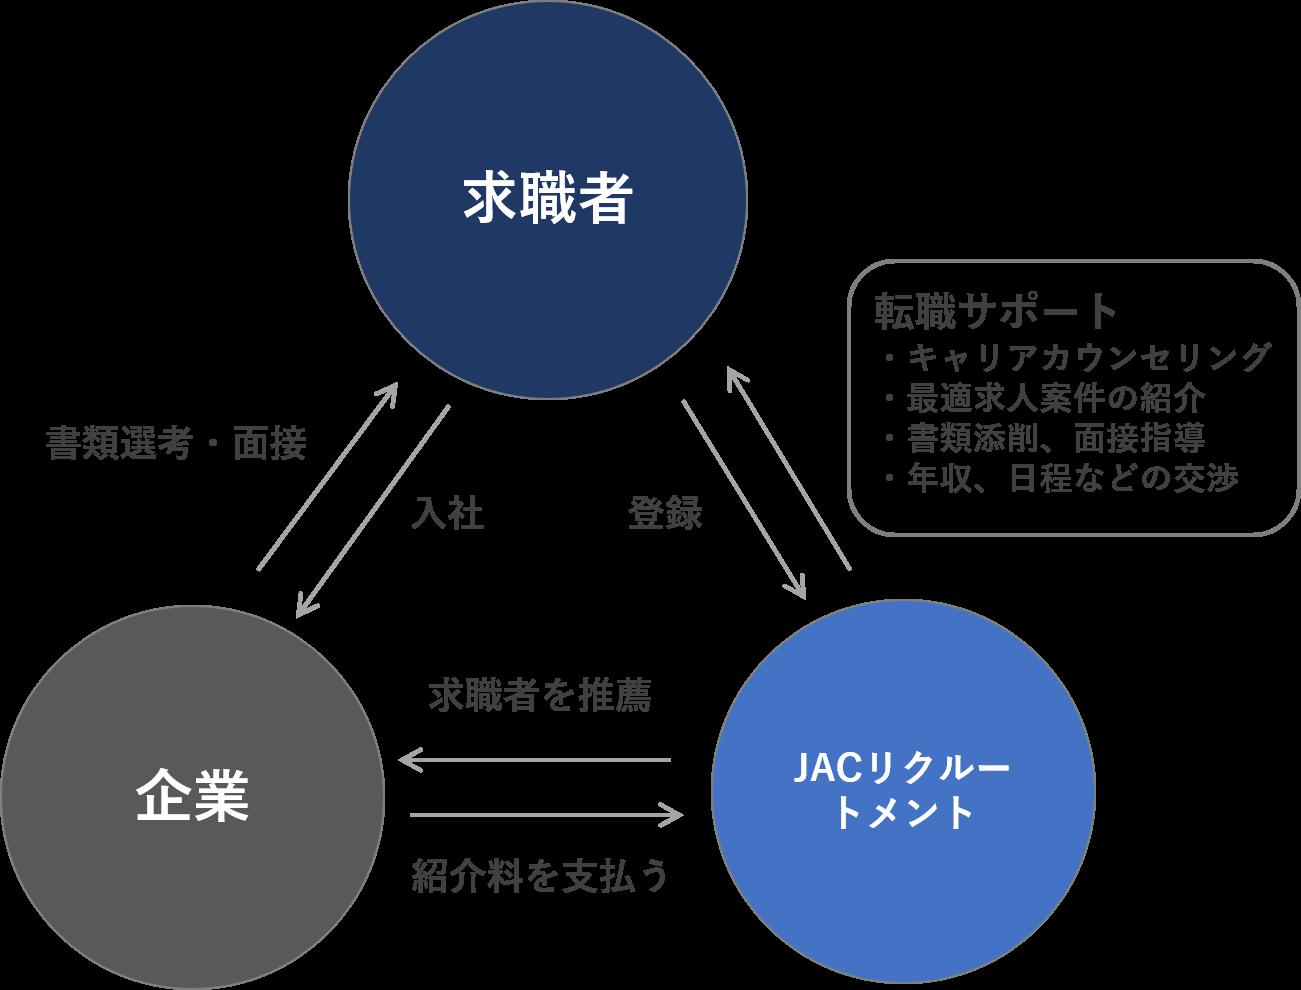 JACリクルートメントの仕組み